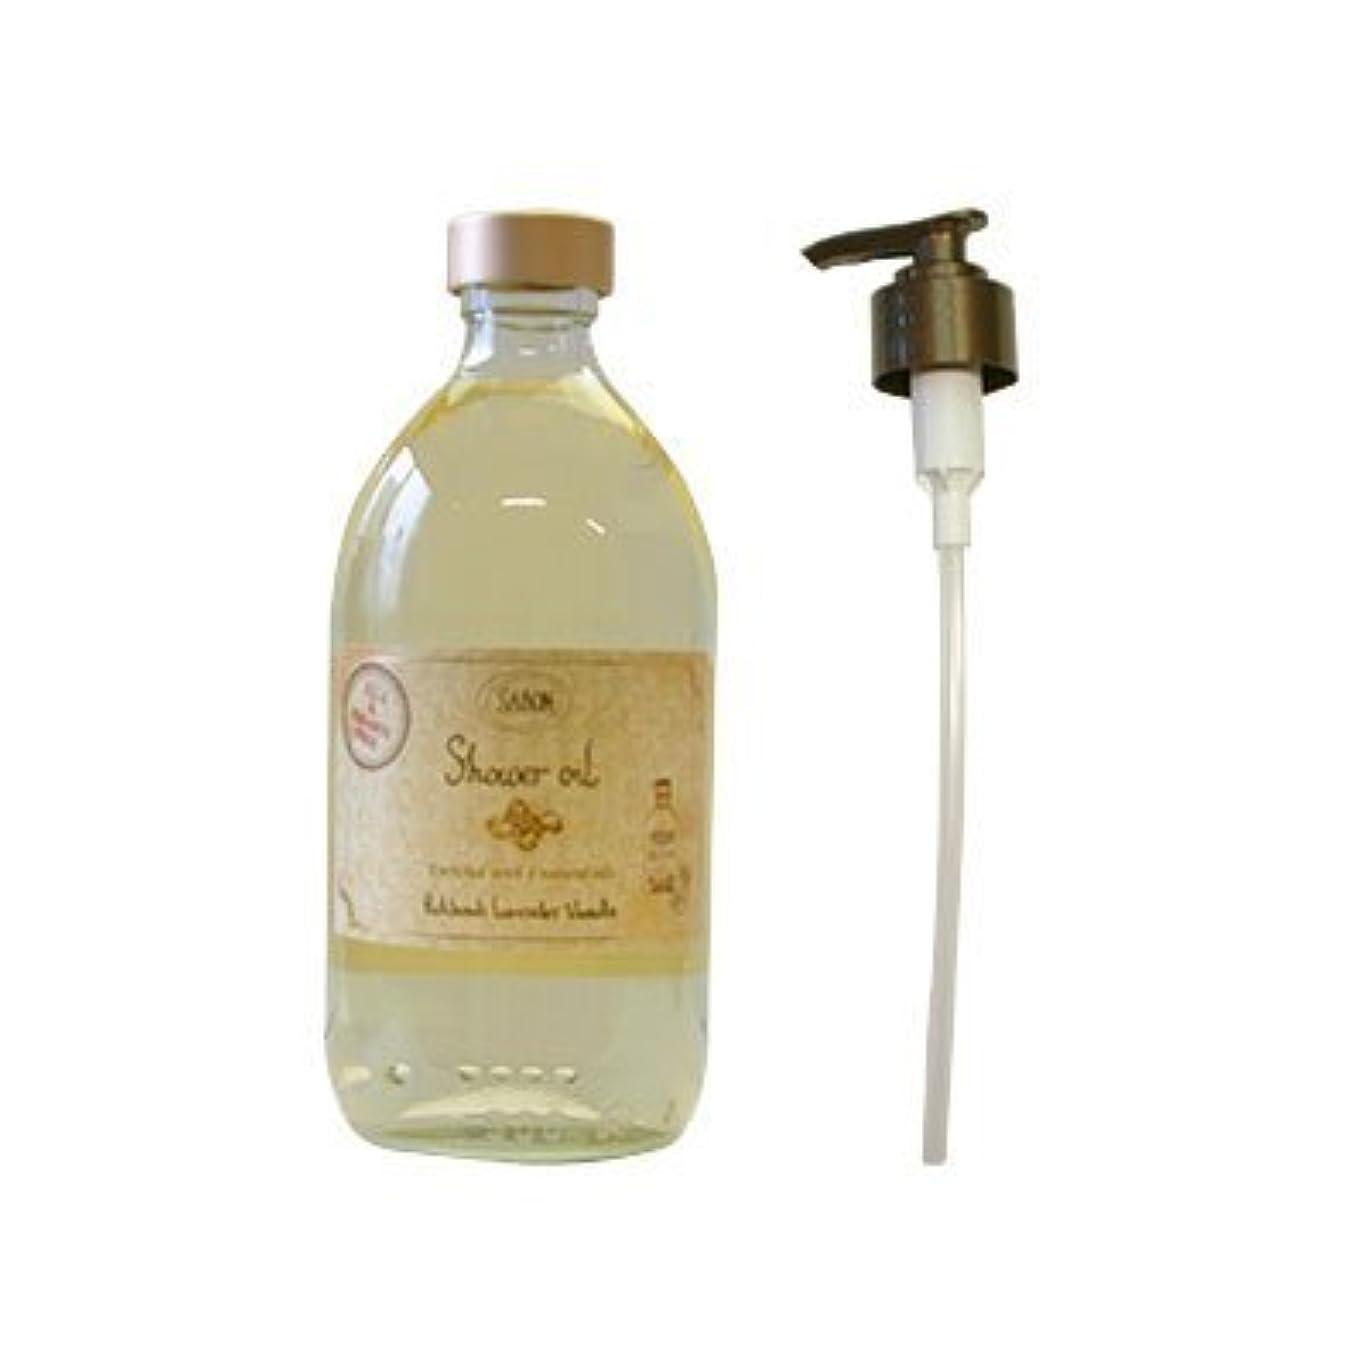 論争ロビーエレメンタルサボン(SABON) シャワーオイル パチュリラベンダーバニラ 500ml[並行輸入品]